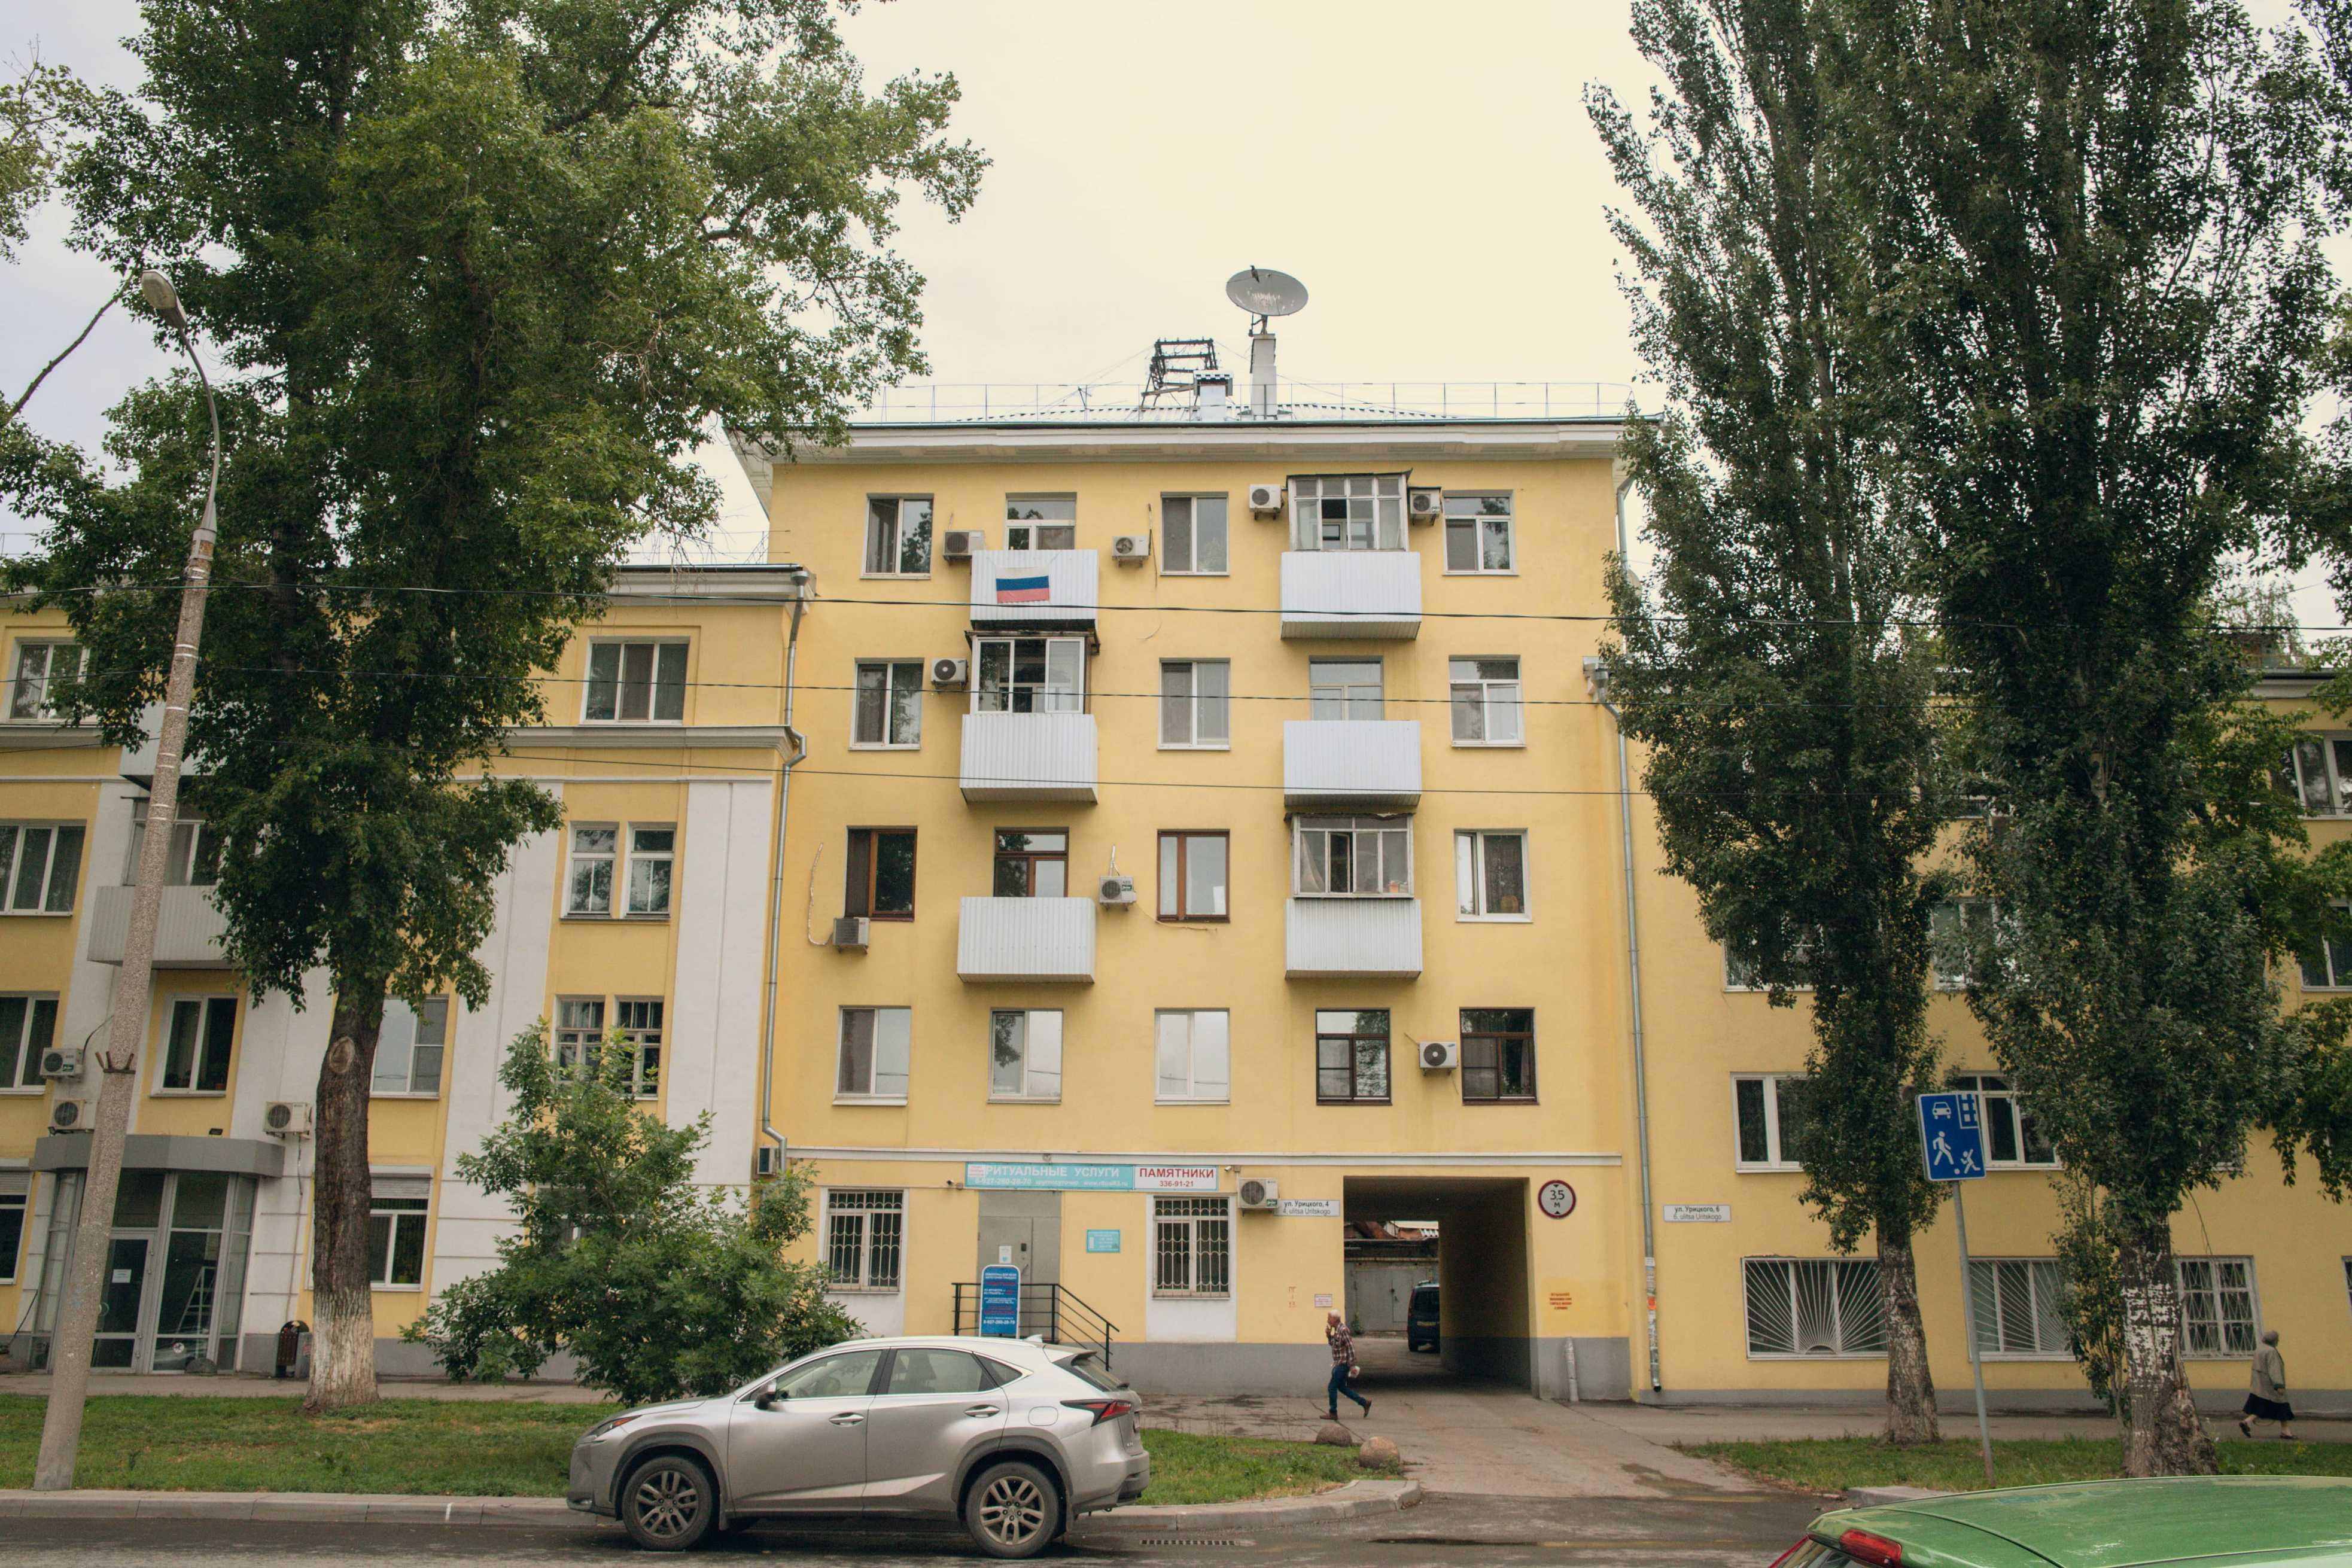 Дом-вставка на улице Урицкого